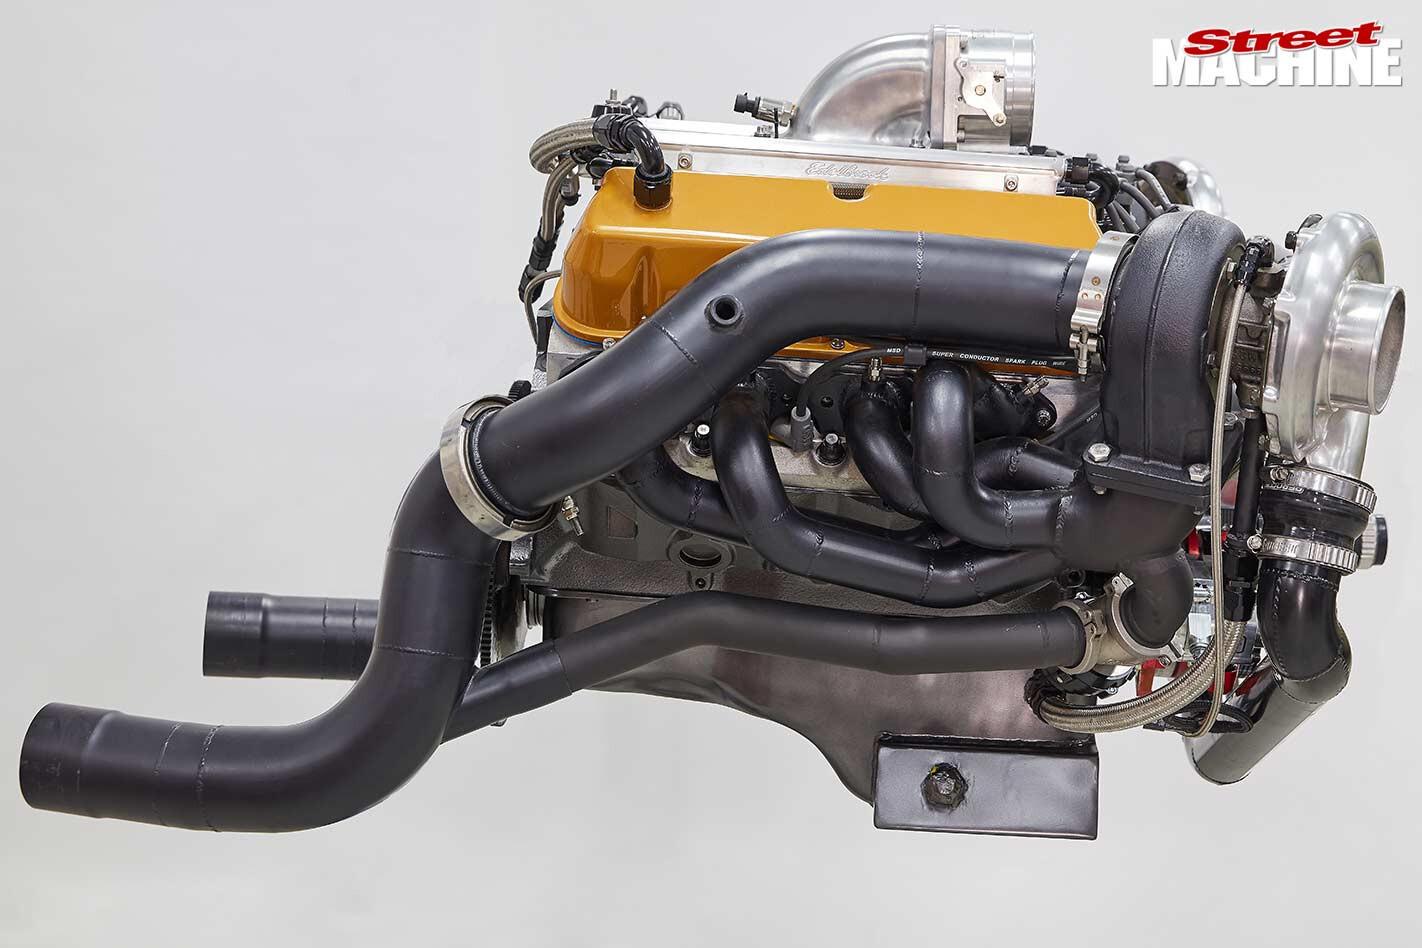 twin-turbo Windsor mill